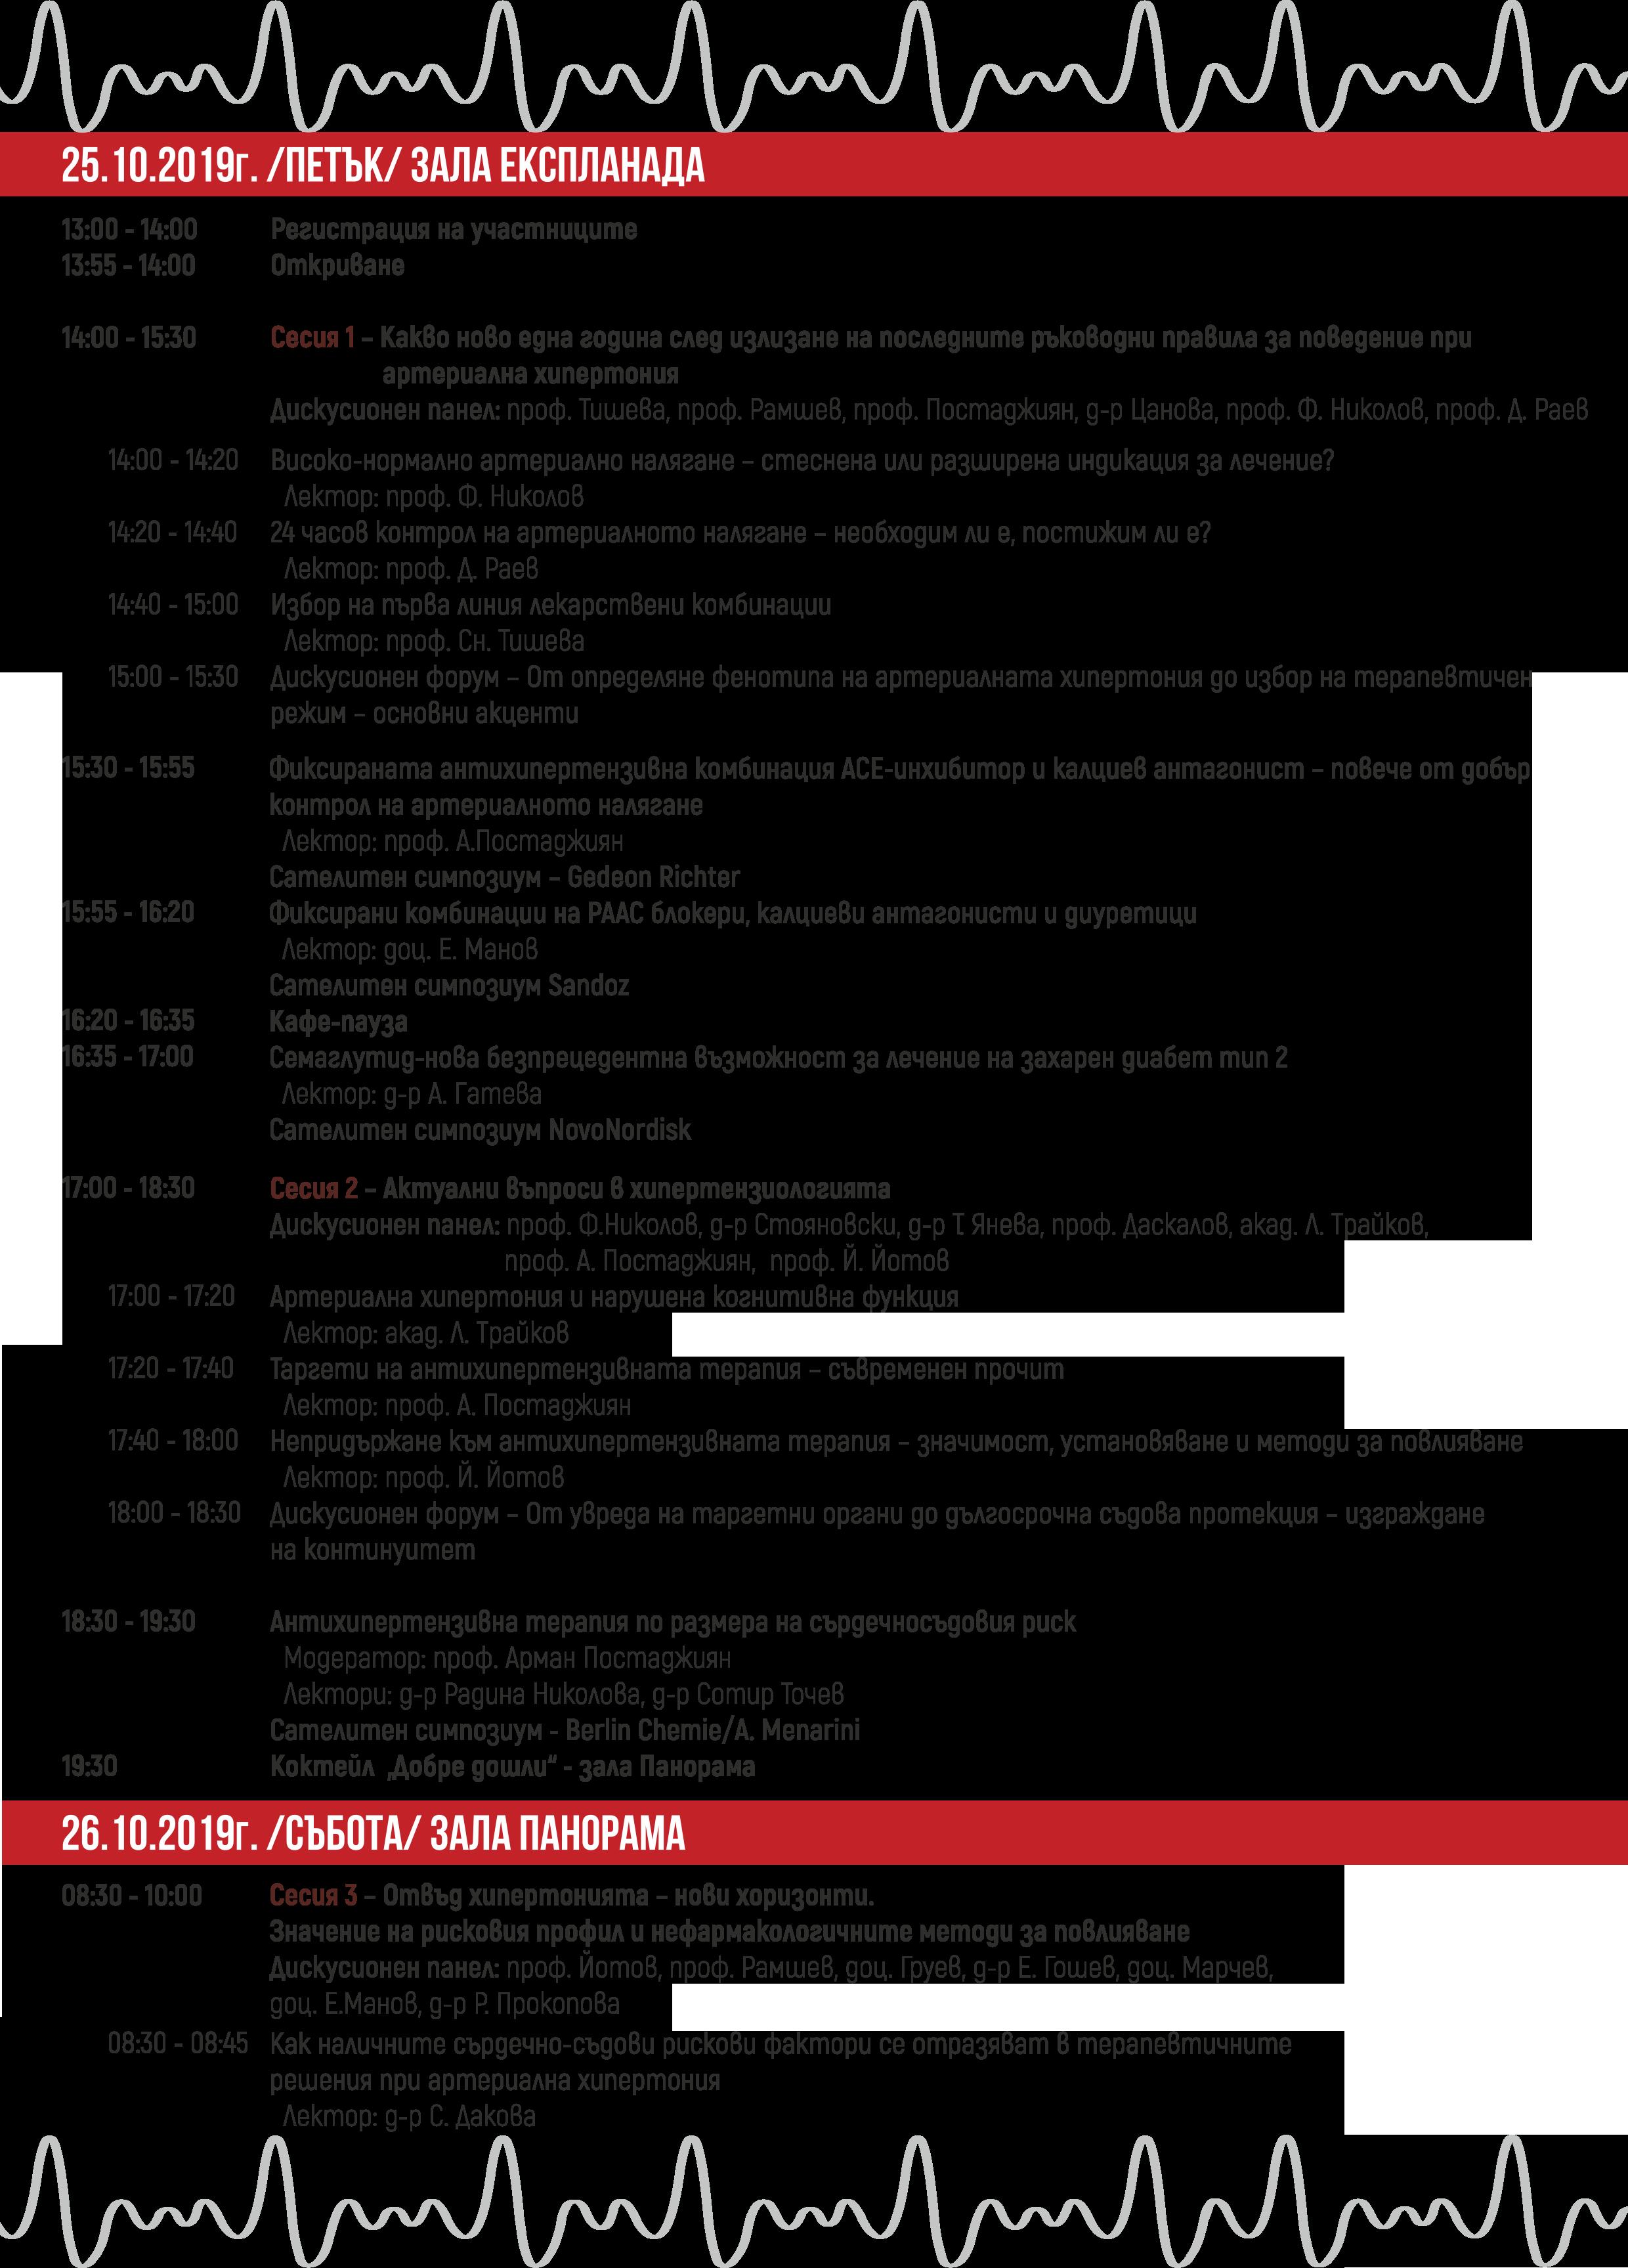 Programa _Arteriale_2019_web1-2